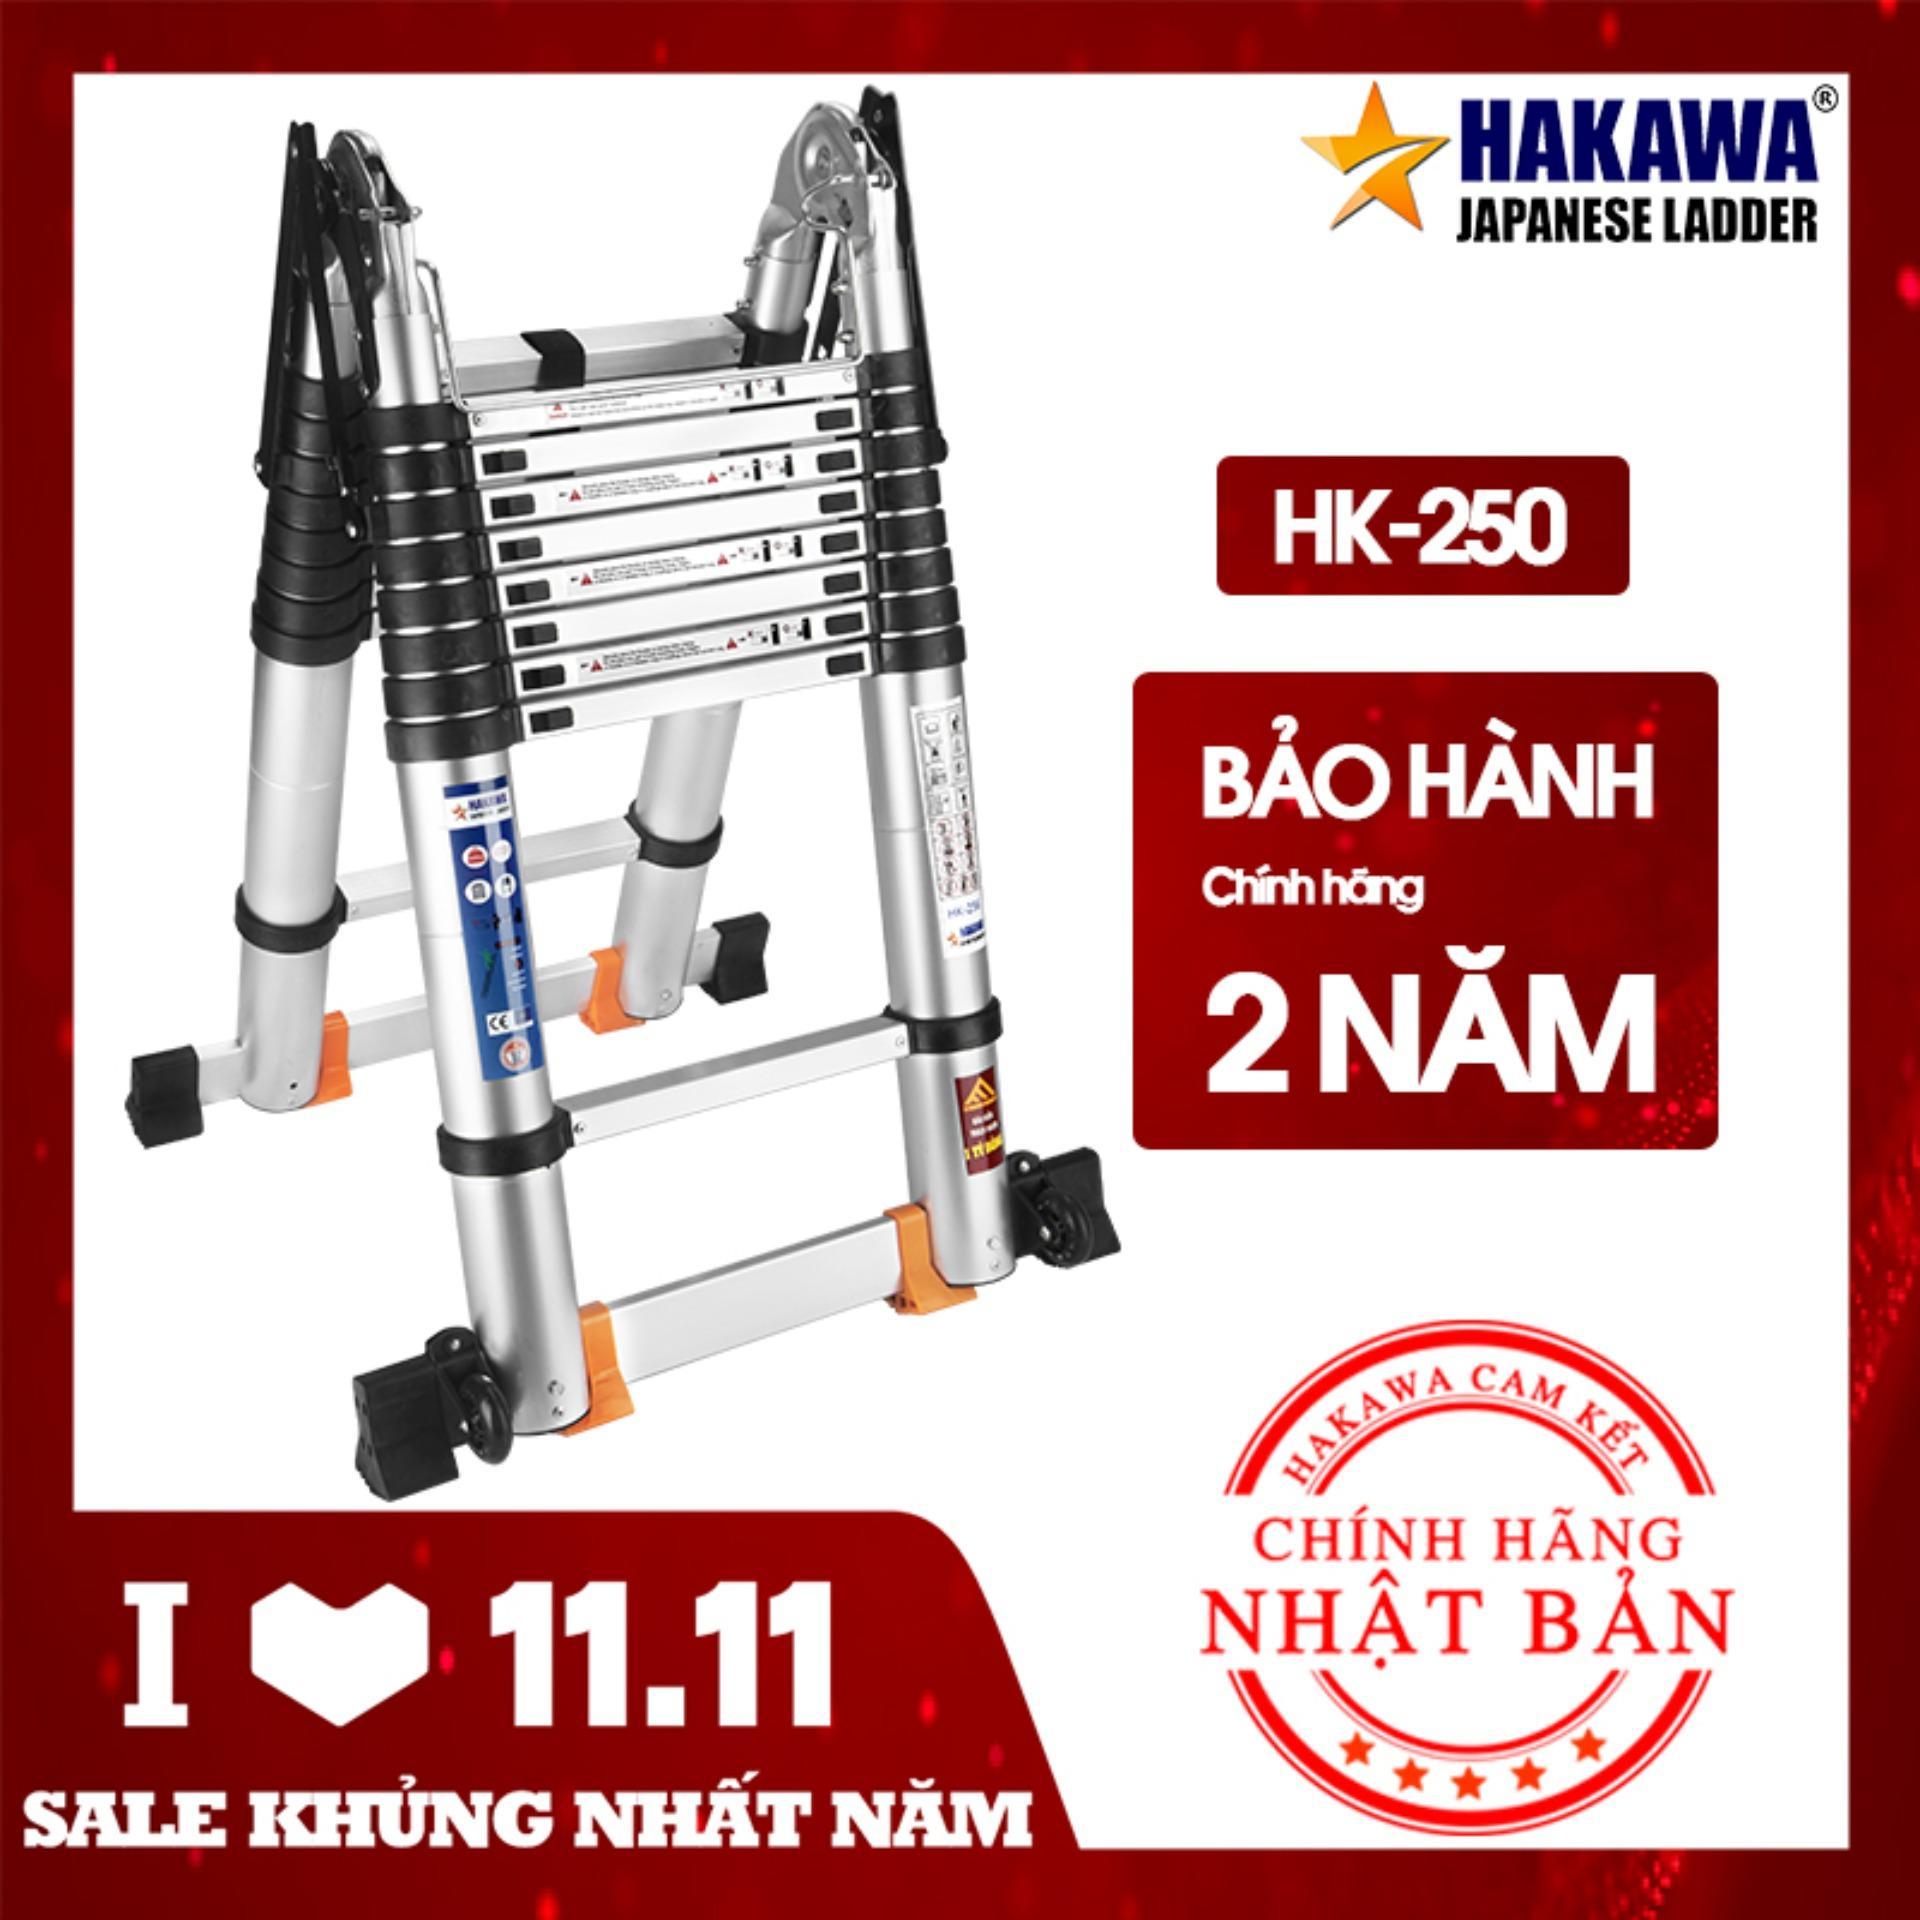 Thang nhôm rút chữ A Nhật Bản HAKAWA HK250 - BẢO HÀNH 2 NĂM, BAO ĐỔI 30 NGÀY NẾU LỖI KỸ THUẬT